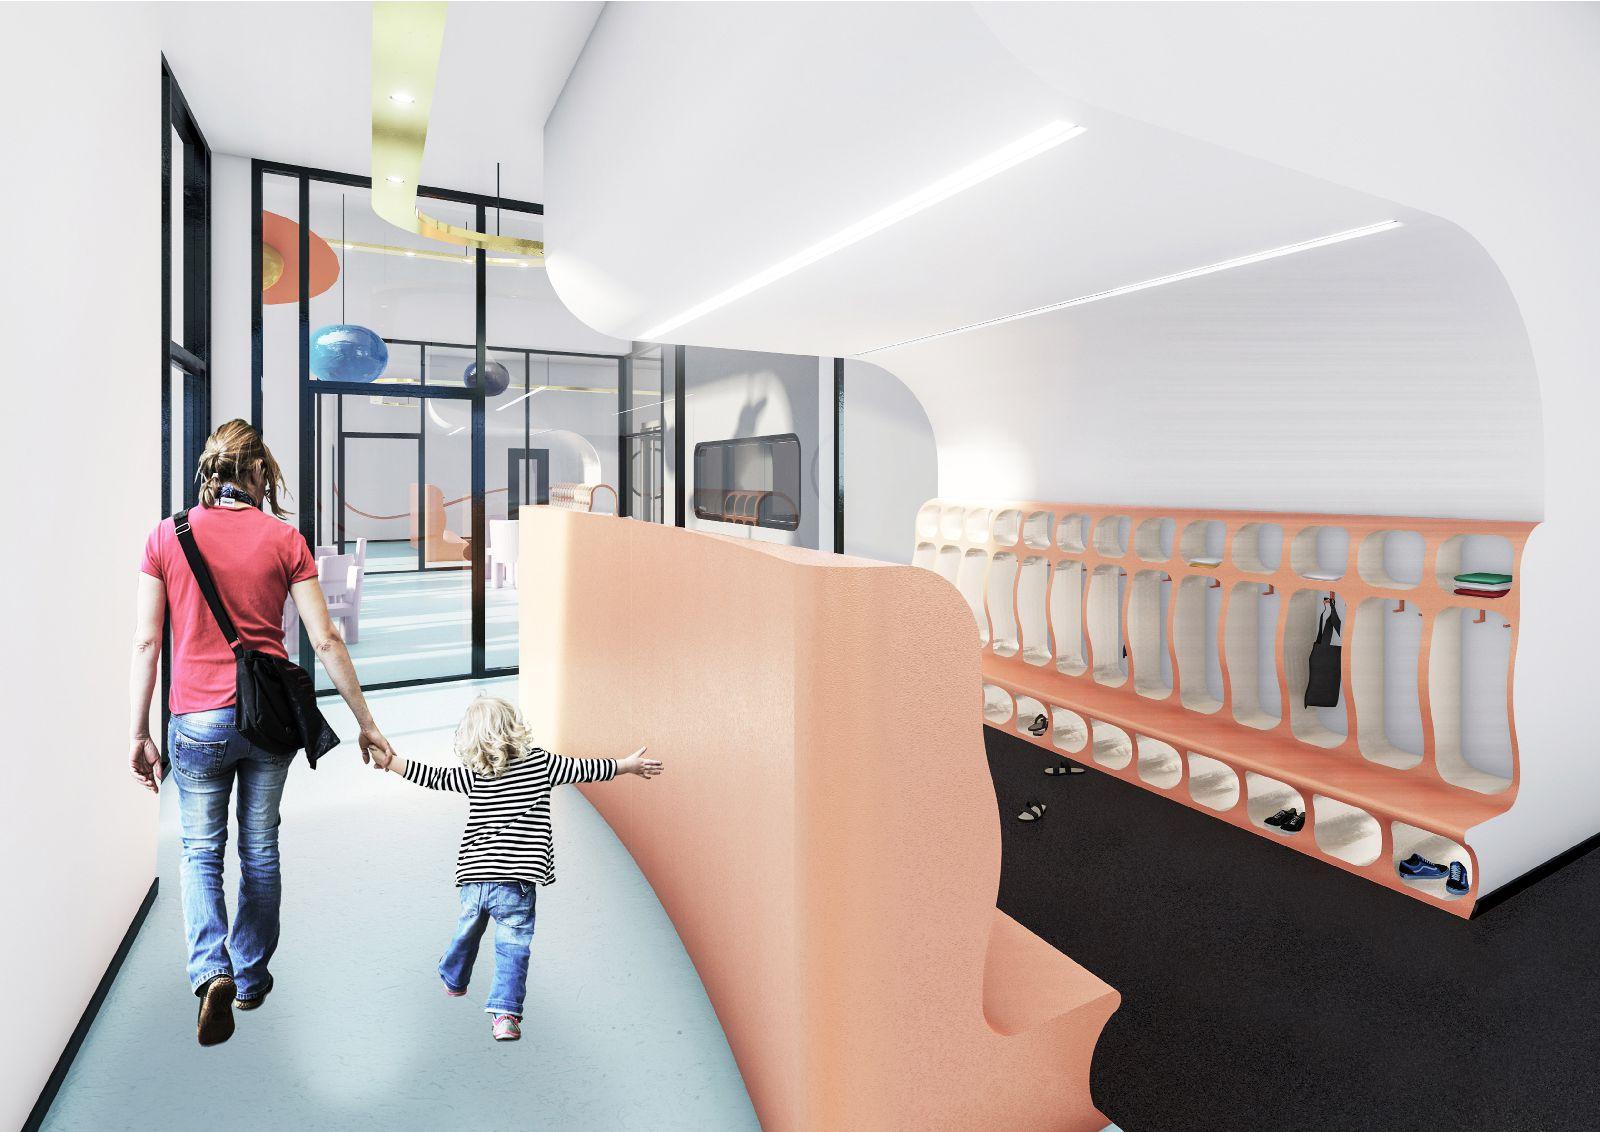 Kindergarten of the Future